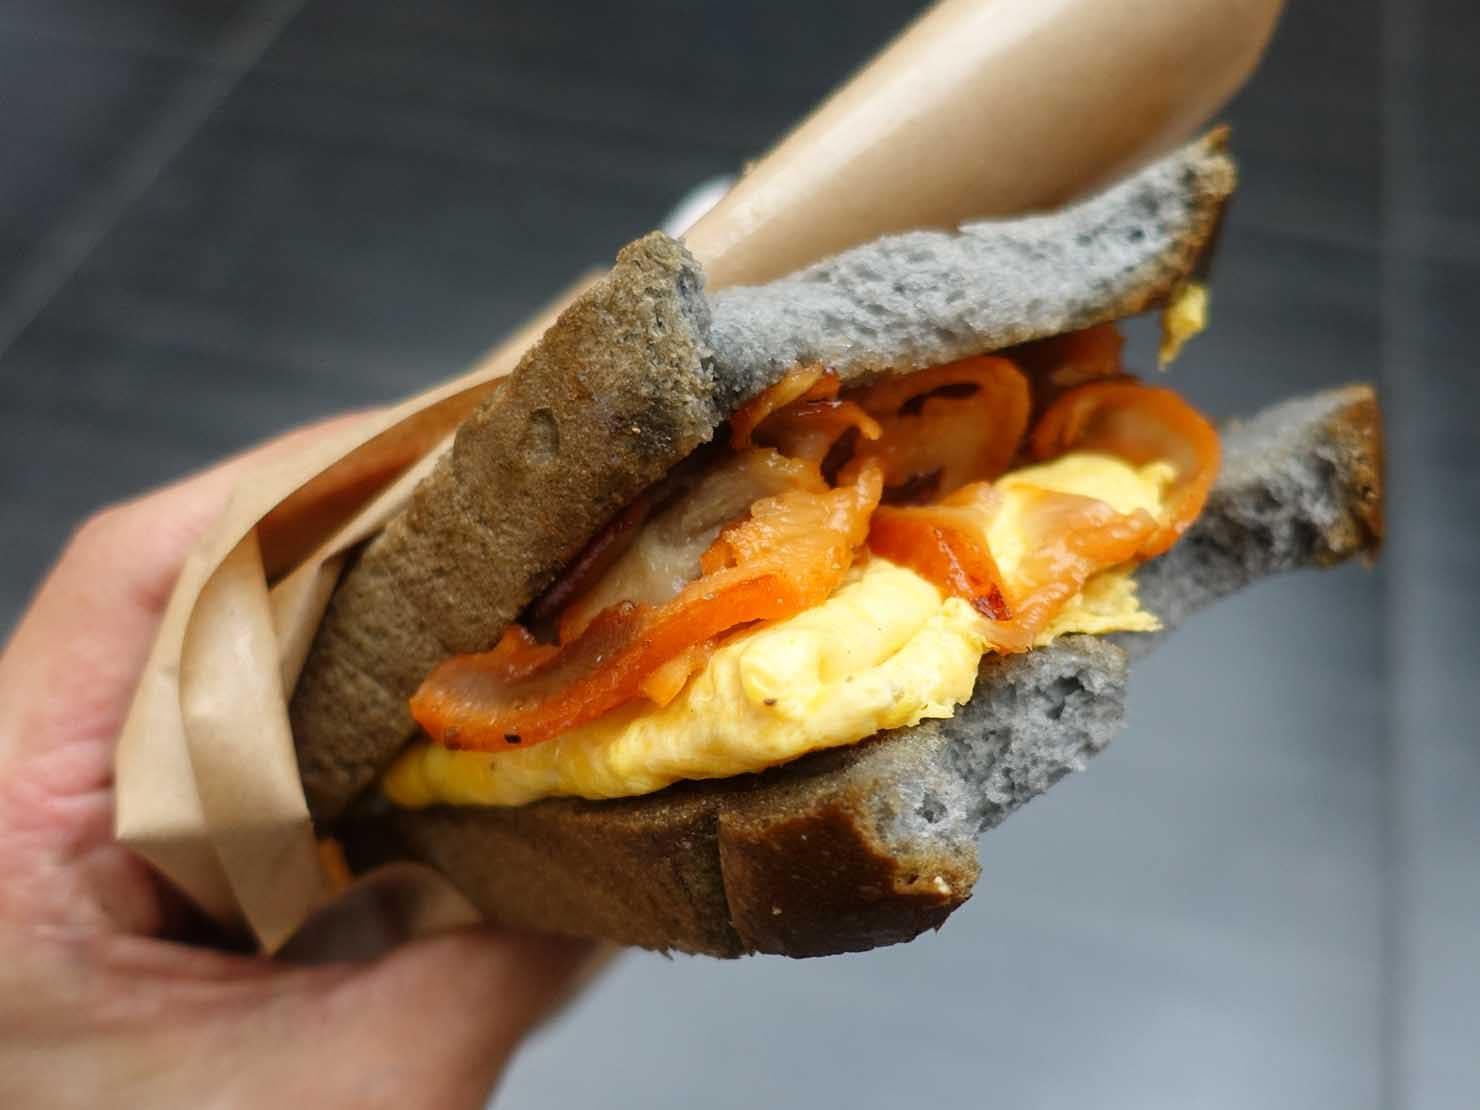 台北駅駅ナカ(車站大廳)のおすすめグルメ店「包果」の豬頭皮厚蛋三明治(豚カシラ肉とオムレツのサンドイッチ)クローズアップ